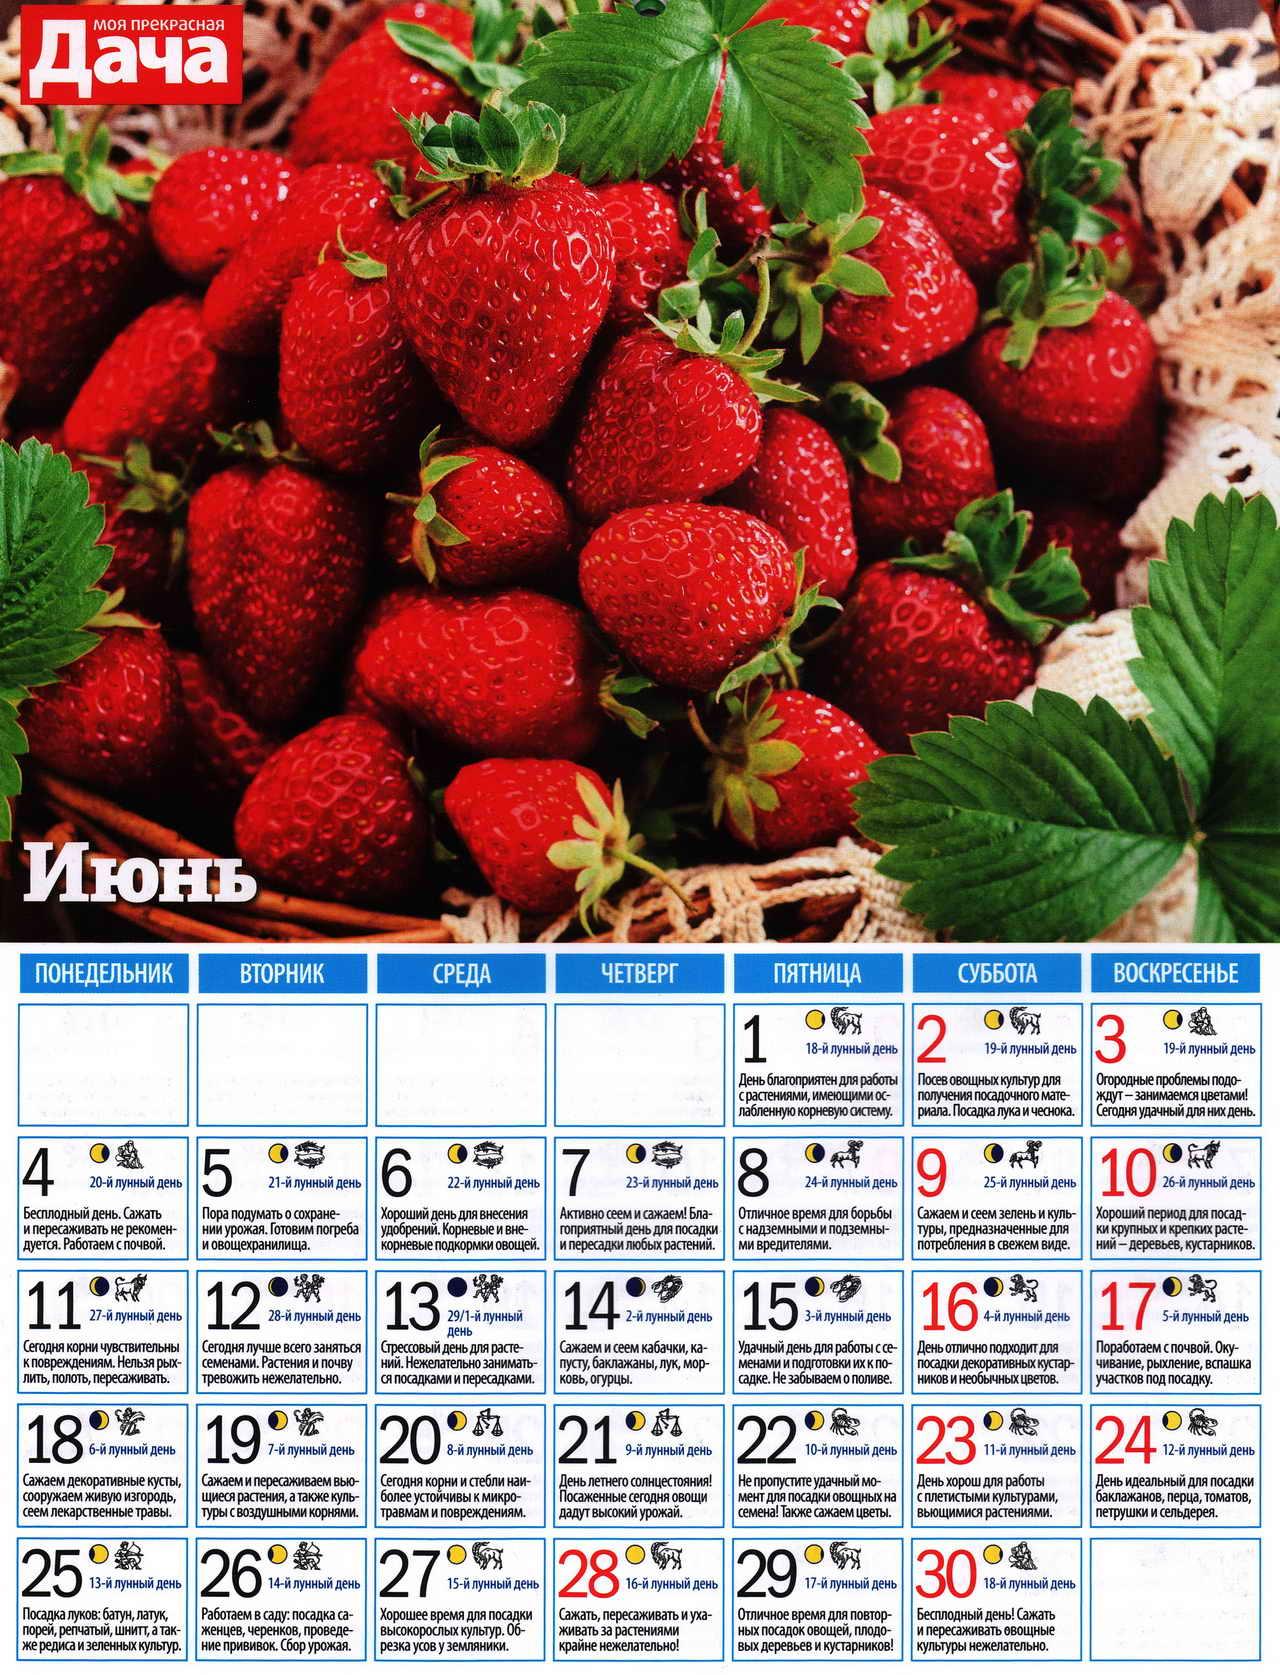 посевной лунный календарь на июнь